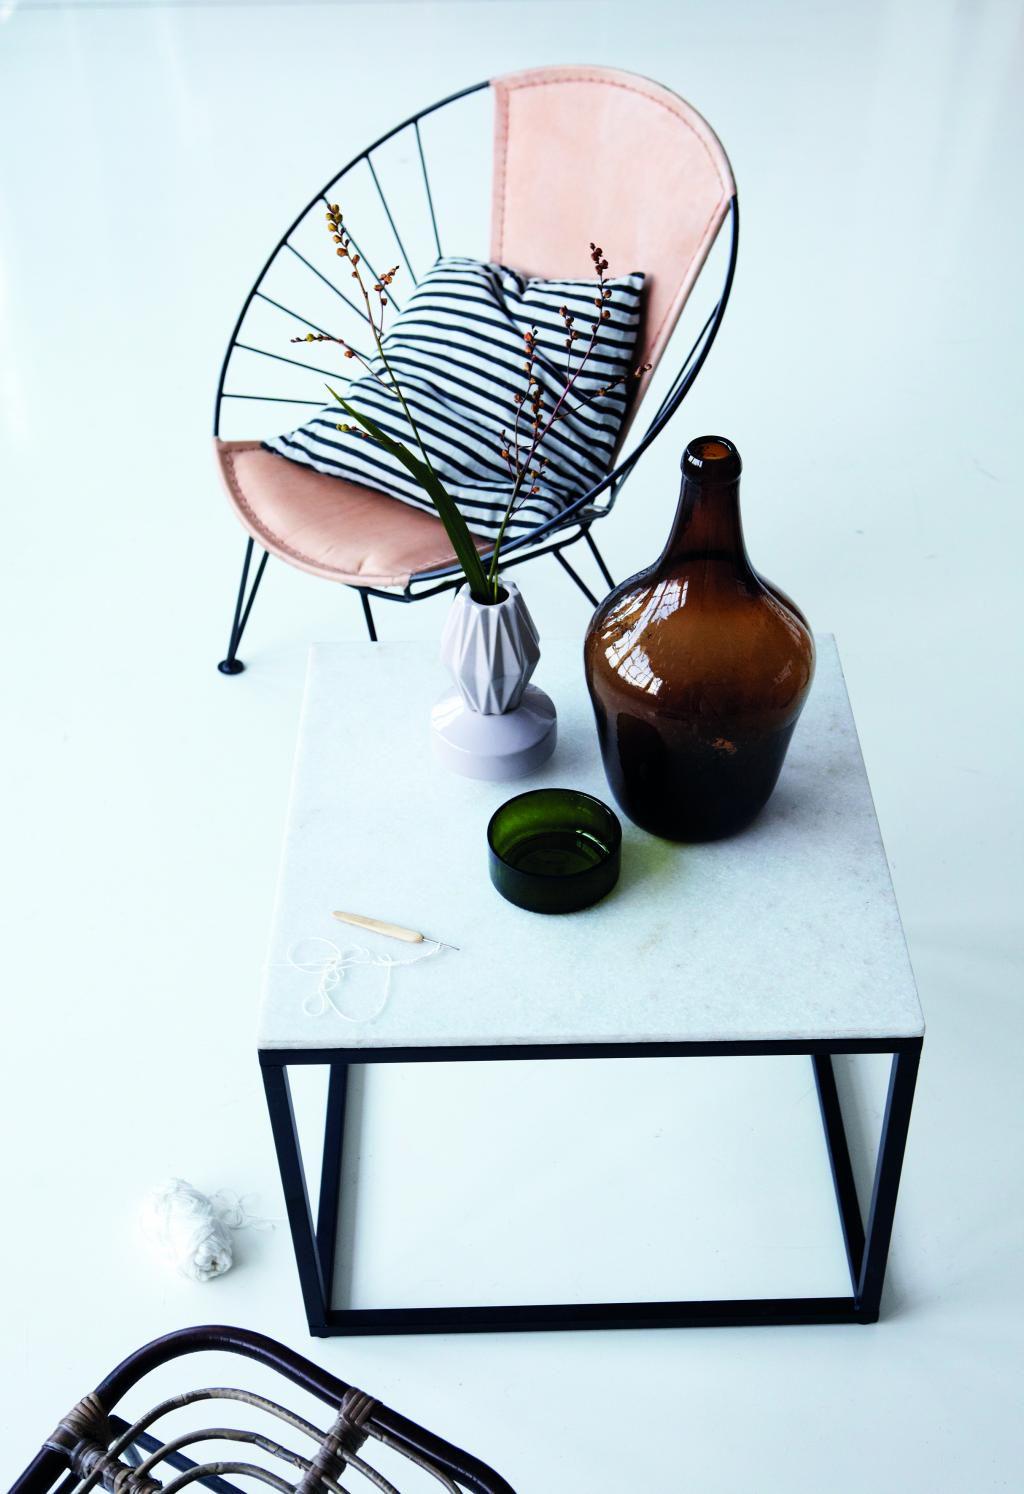 kissenbezug stripe schwarz grau 50x50 leinen house doctor kaufen. Black Bedroom Furniture Sets. Home Design Ideas